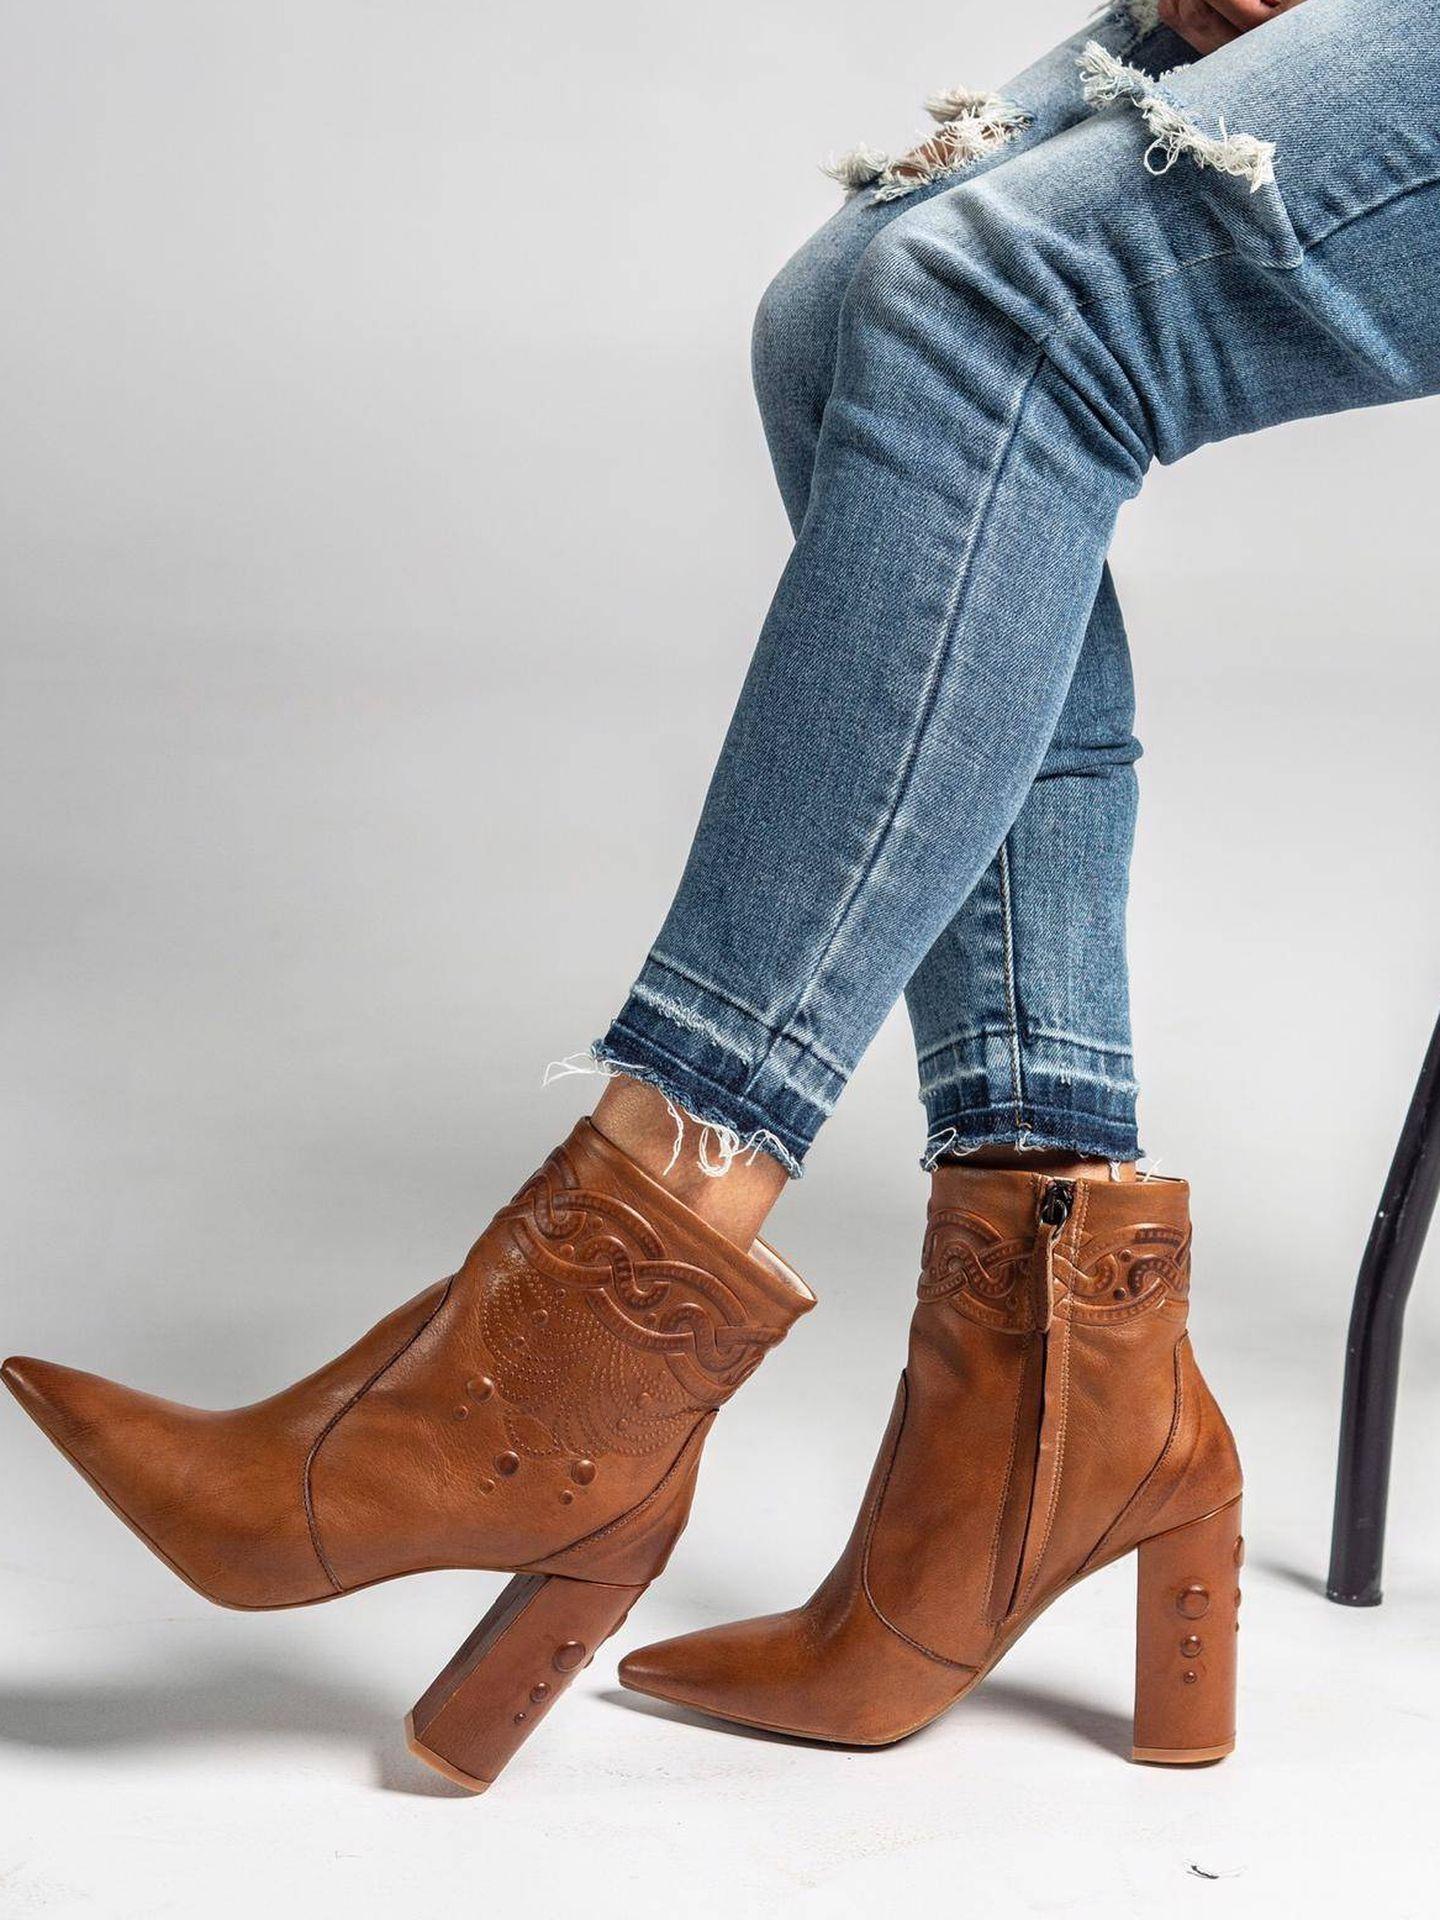 Modelo de la colección de calzado de Miguel Palacio. (Cortesía)